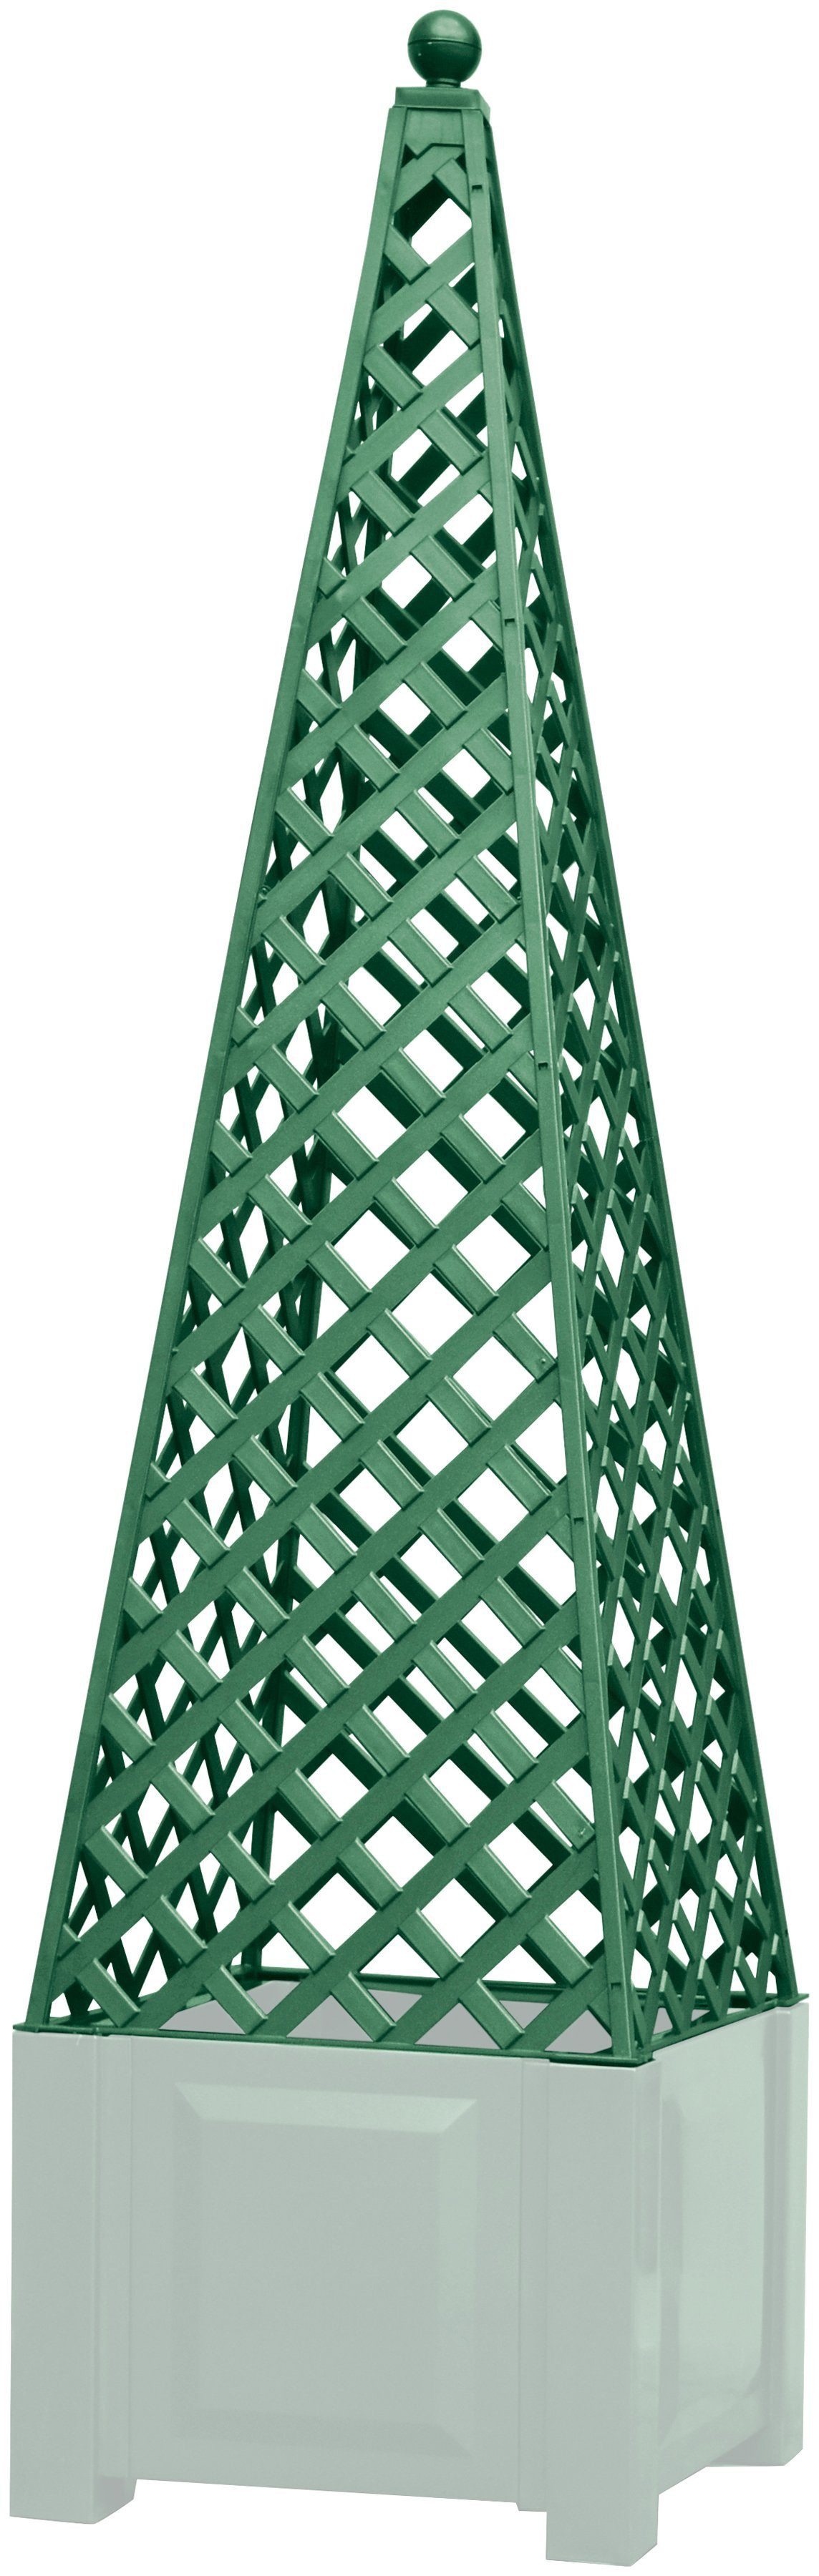 KHW Rankgitter , zum Nachrüsten, grün, BxTxH: 43x43x140 cm